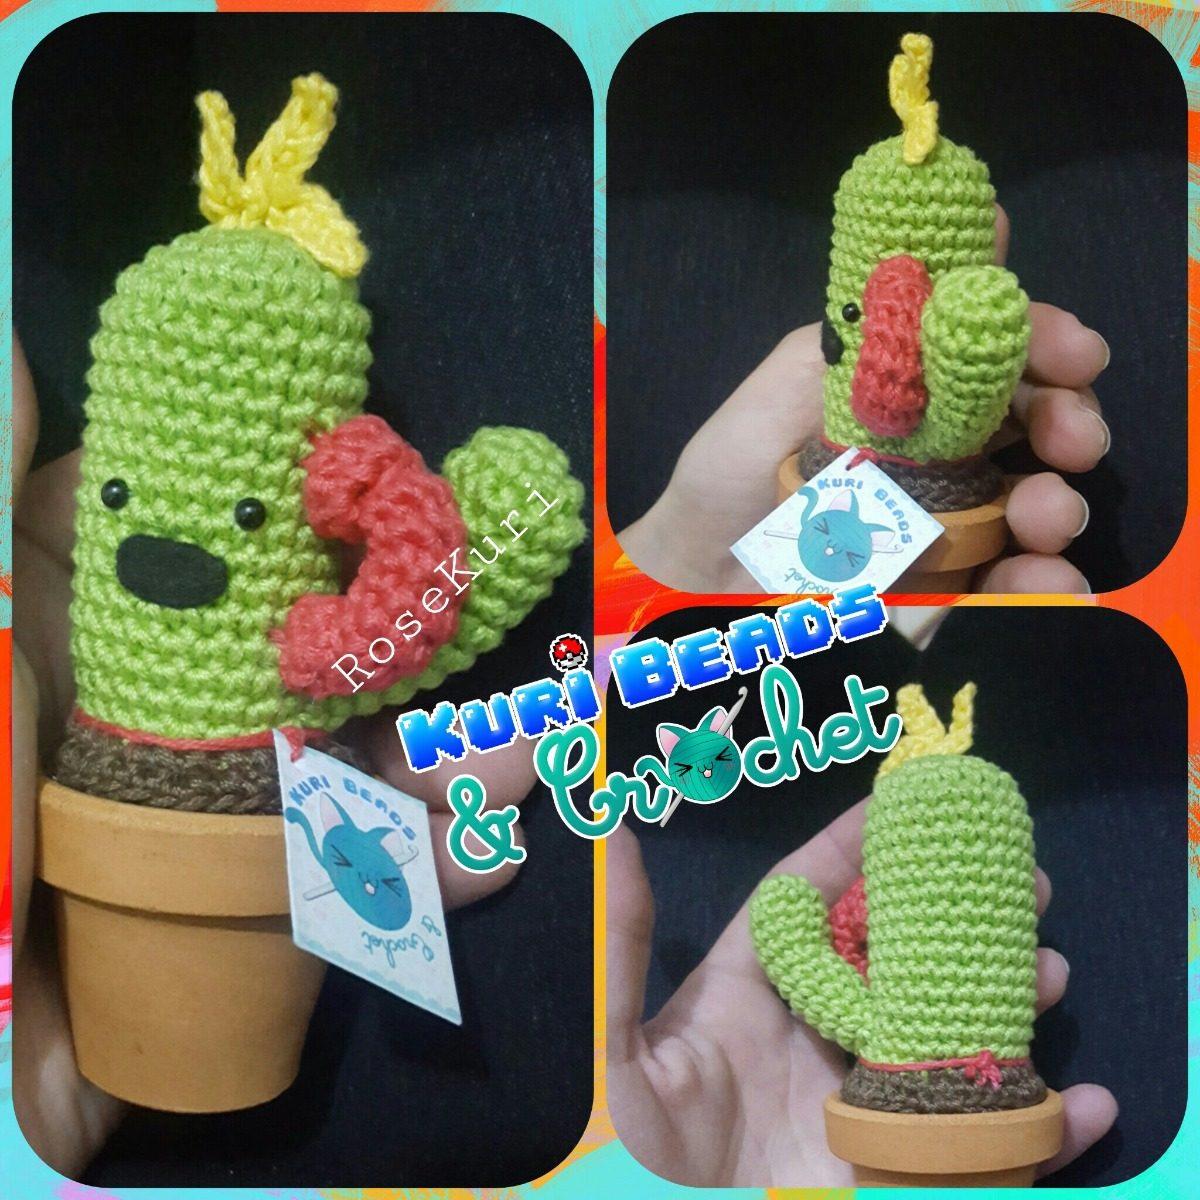 Patrón cactus amigurumi crochet tejido ganchillo instrucciones | Etsy | 1200x1200